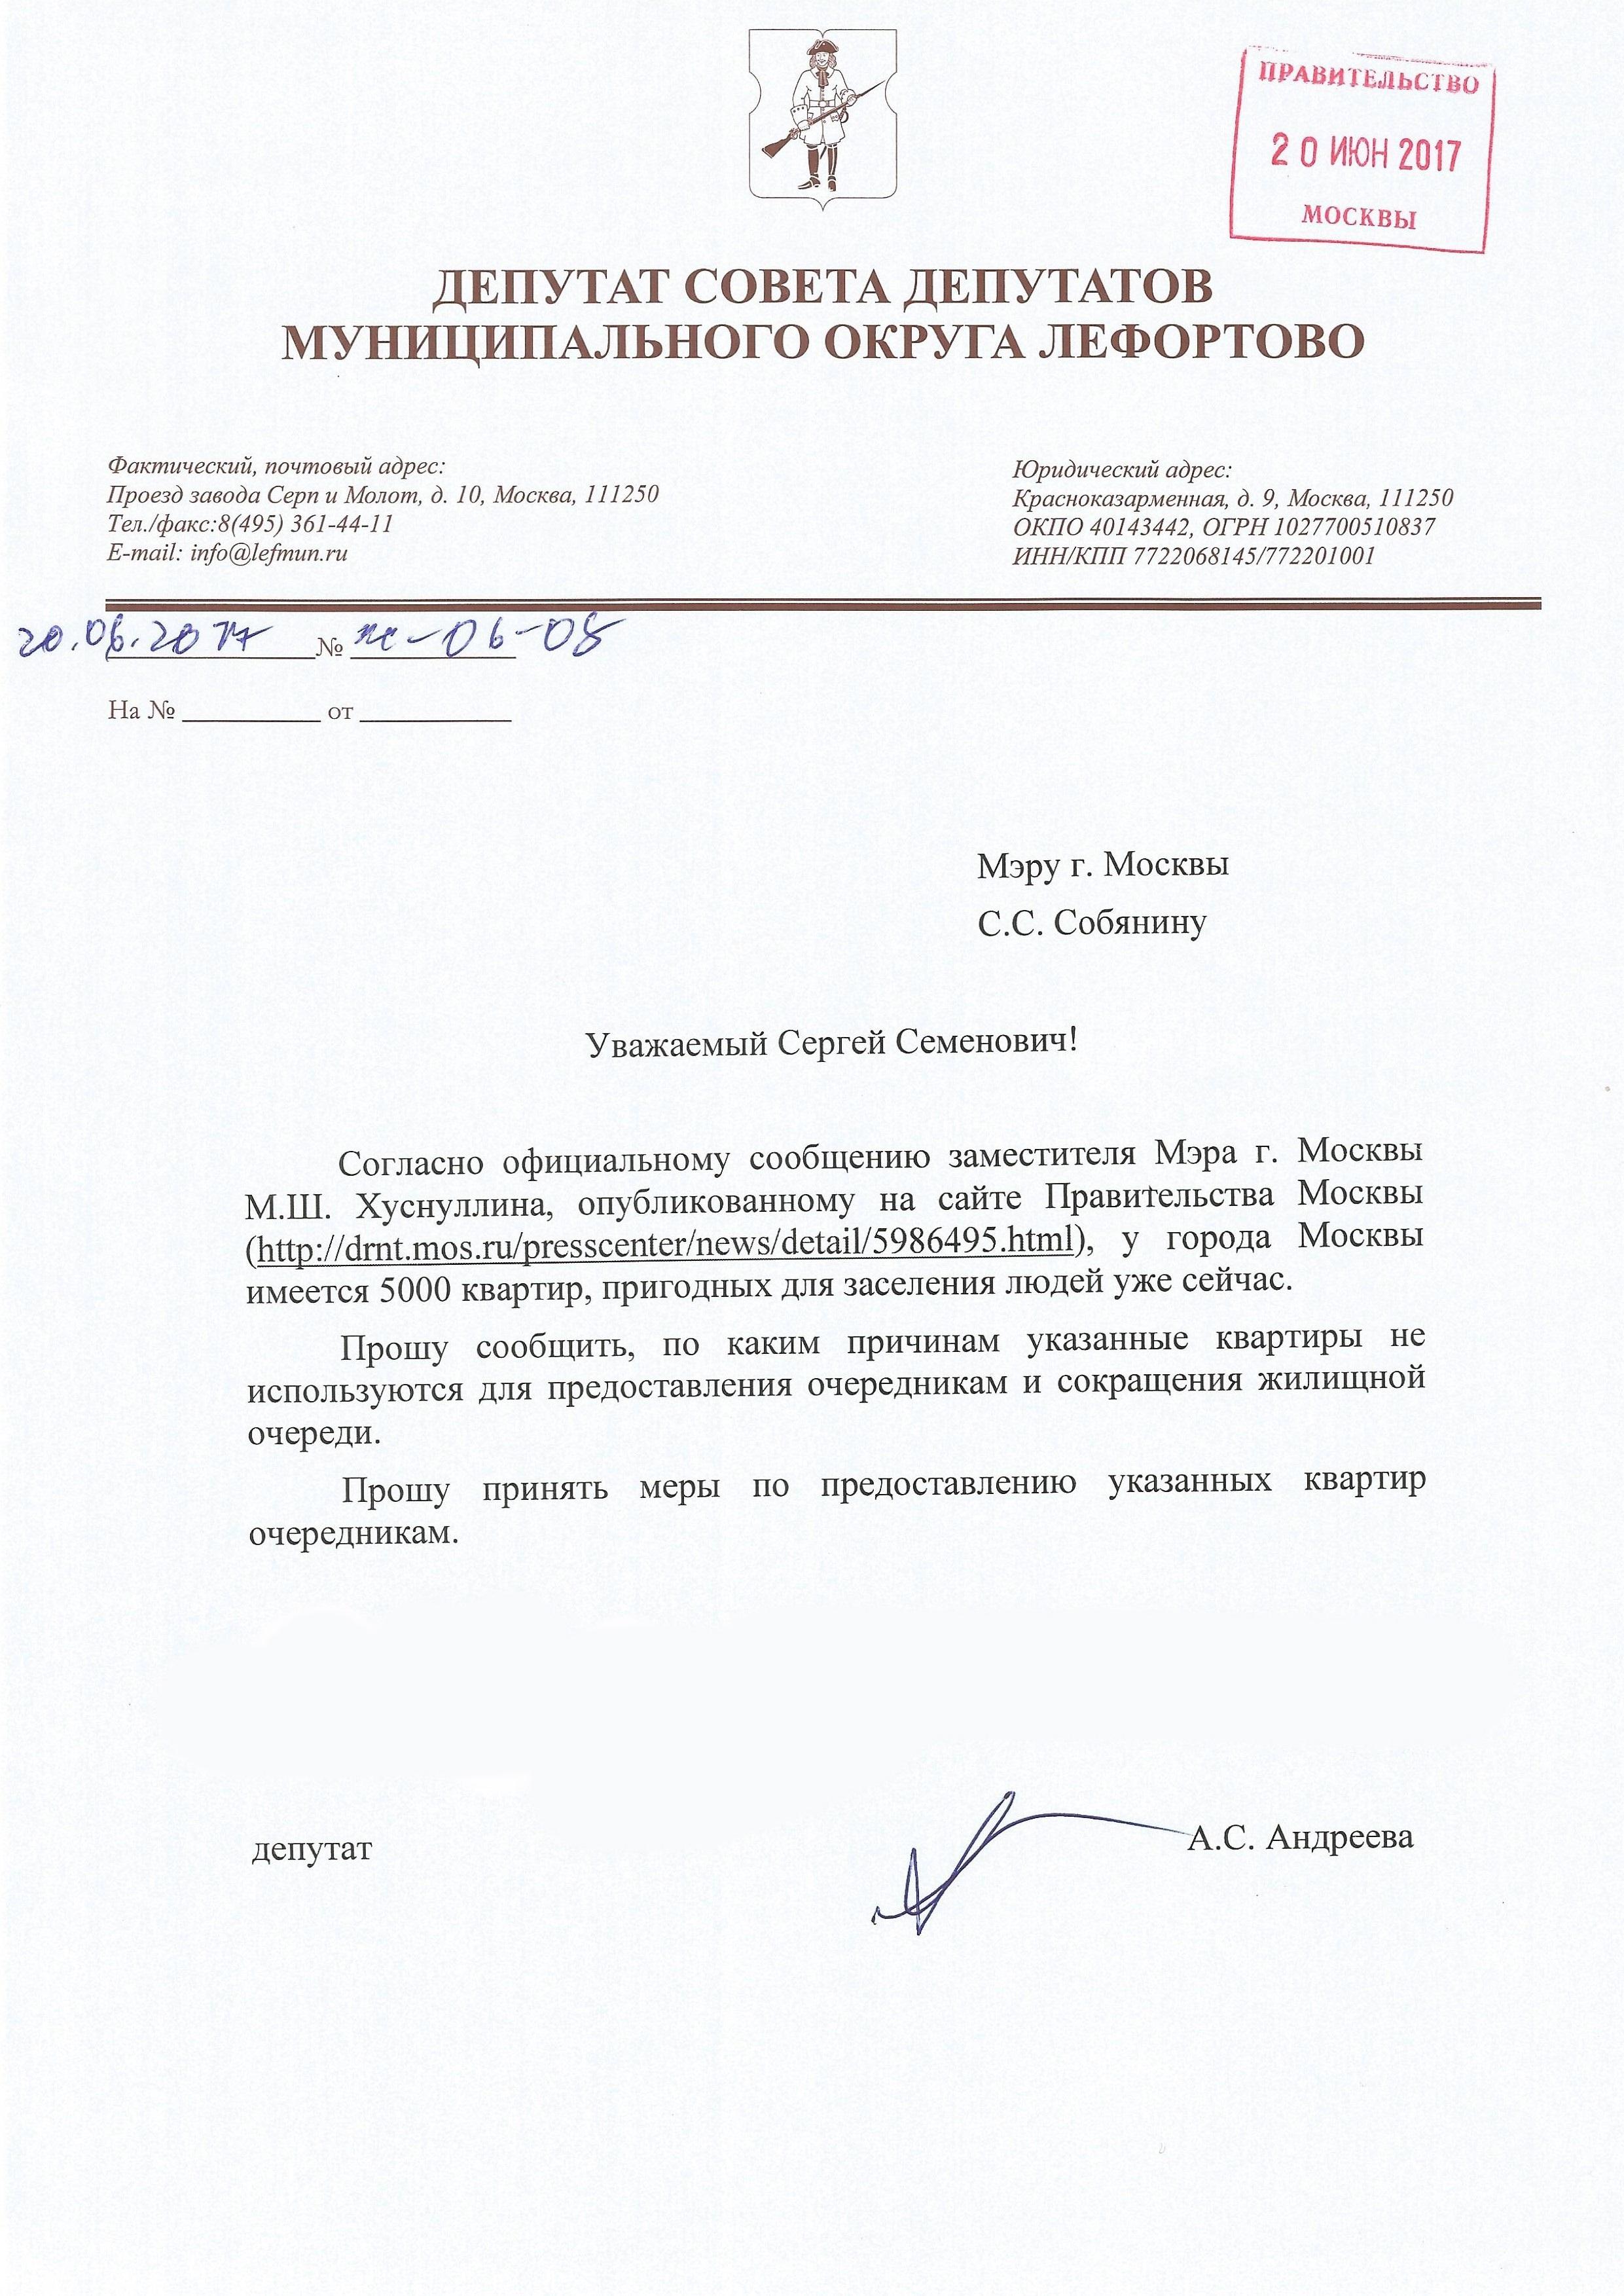 Кого грабит реновация. Собянин отнимает у очередников Москвы 5000 квартир.